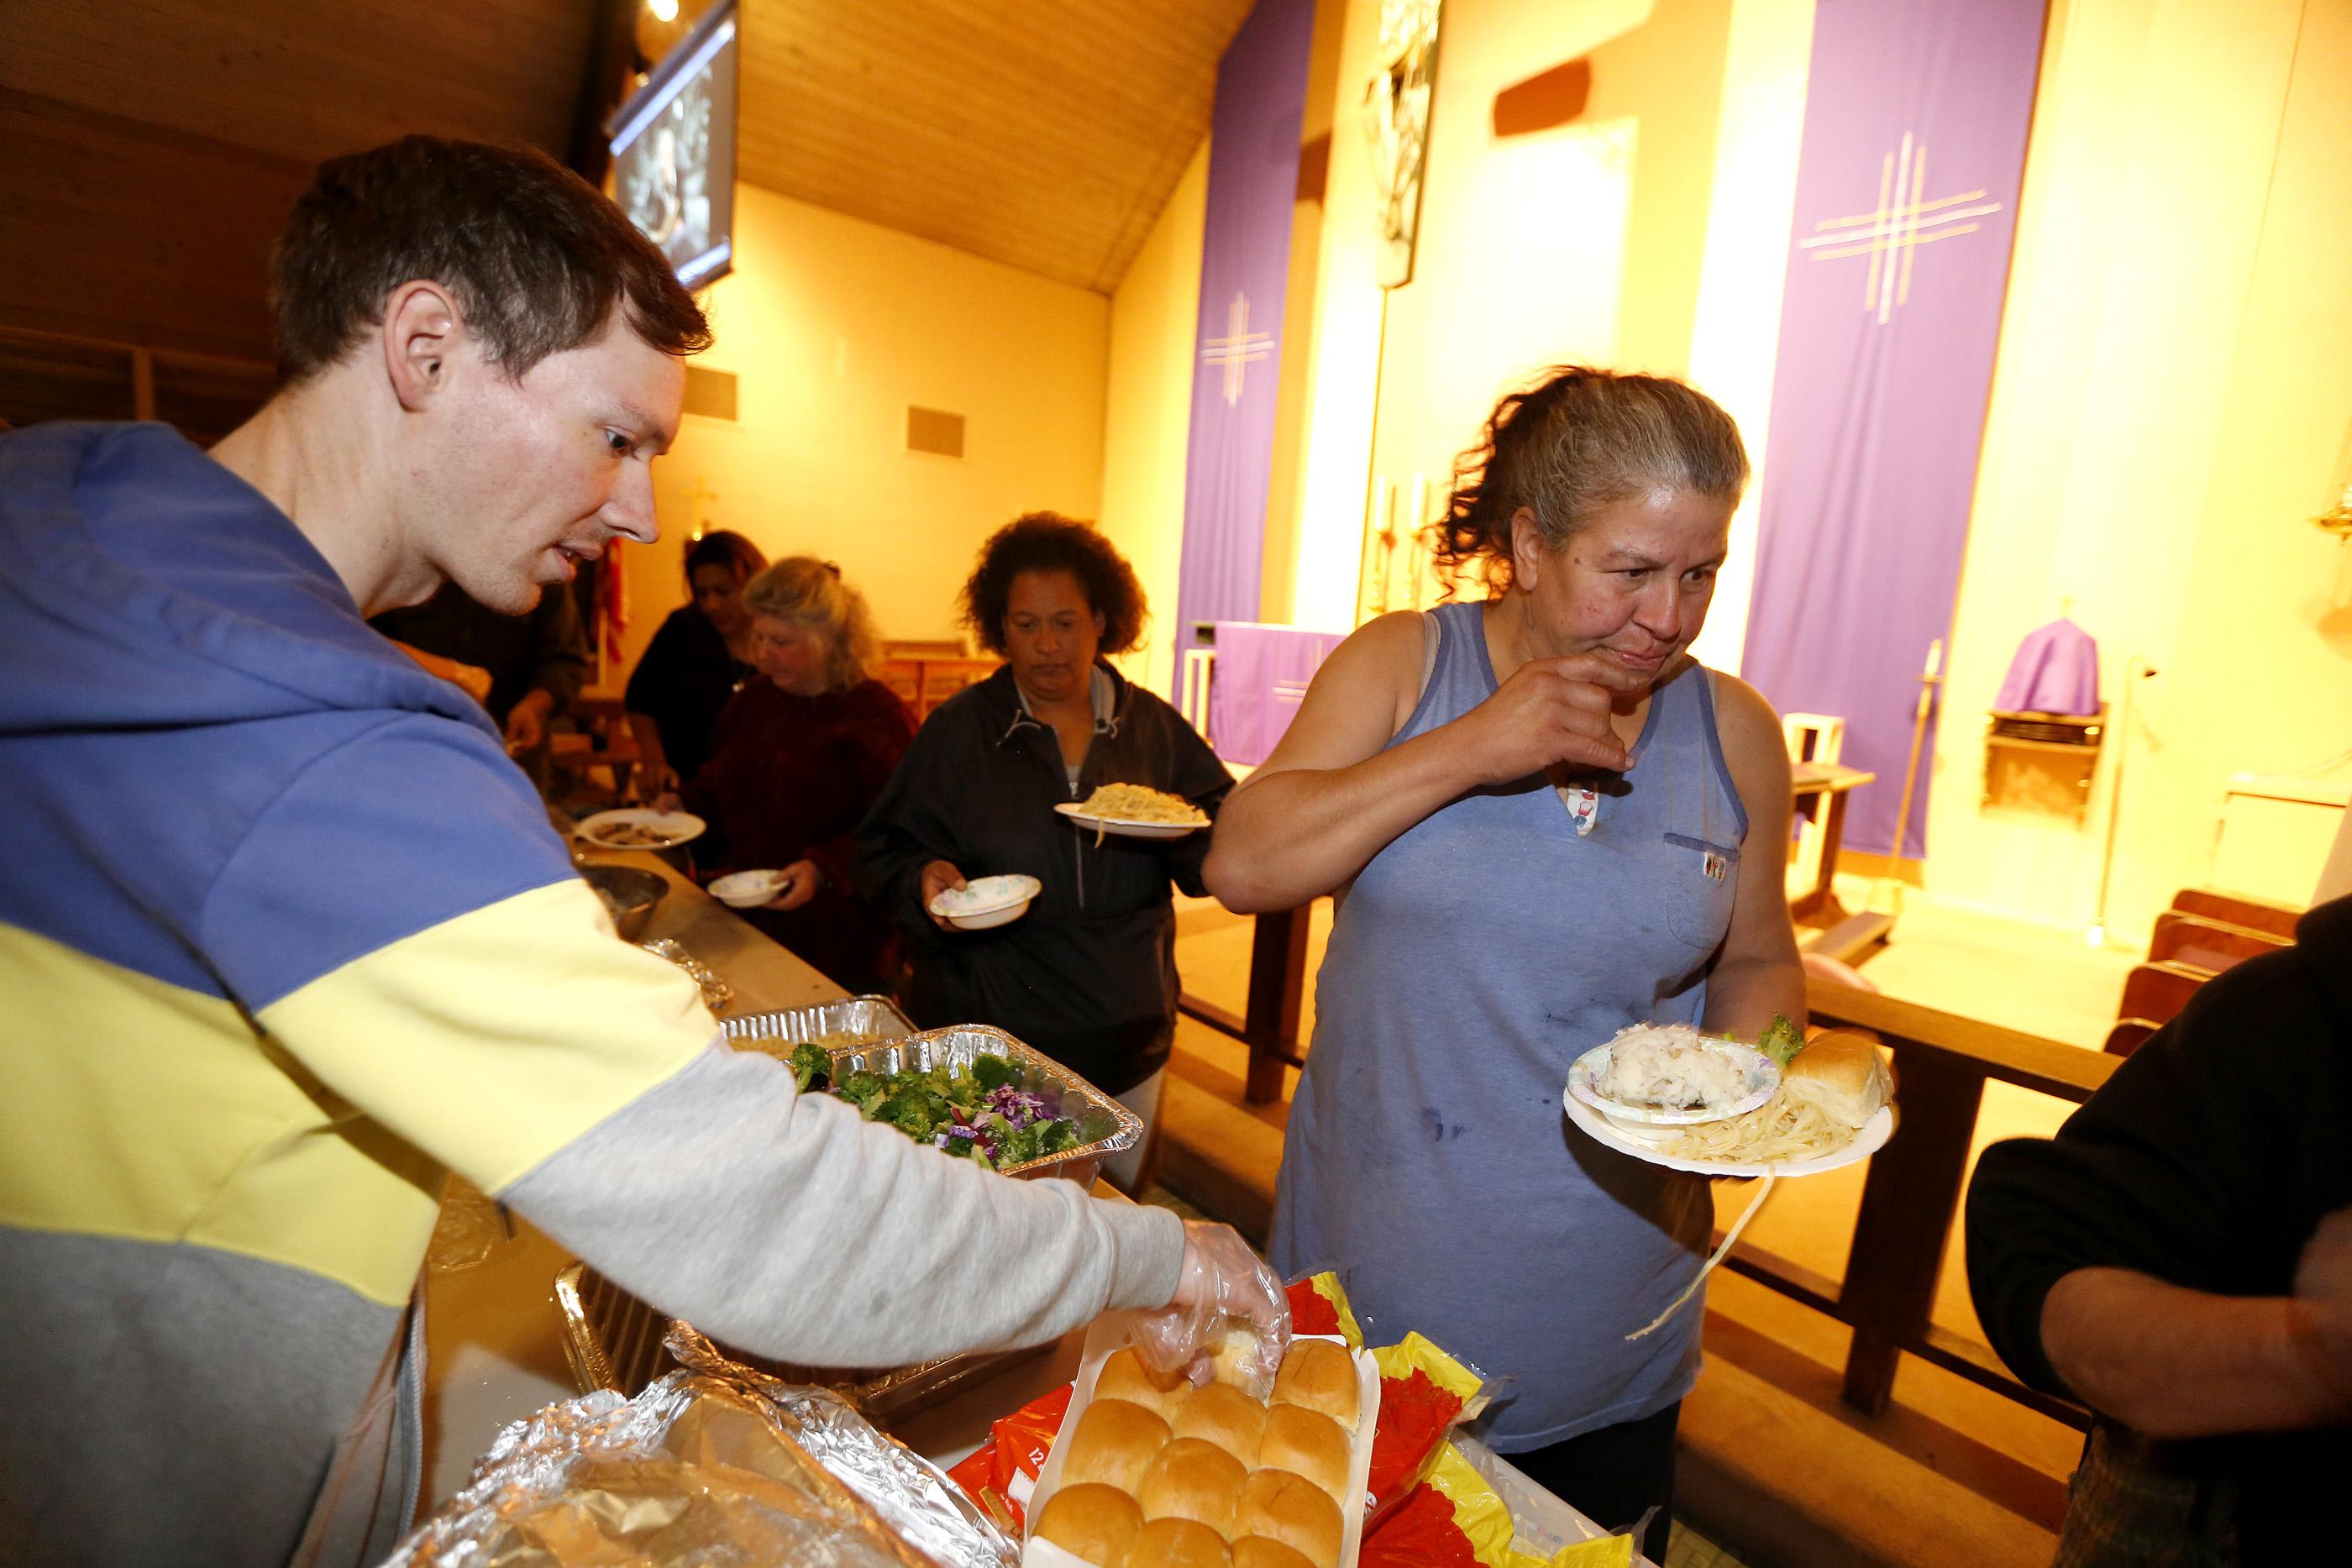 Voluntarios ofrecen comida a los desamparados que llegan al refugio. (Aurelia Ventura/ La Opinion)